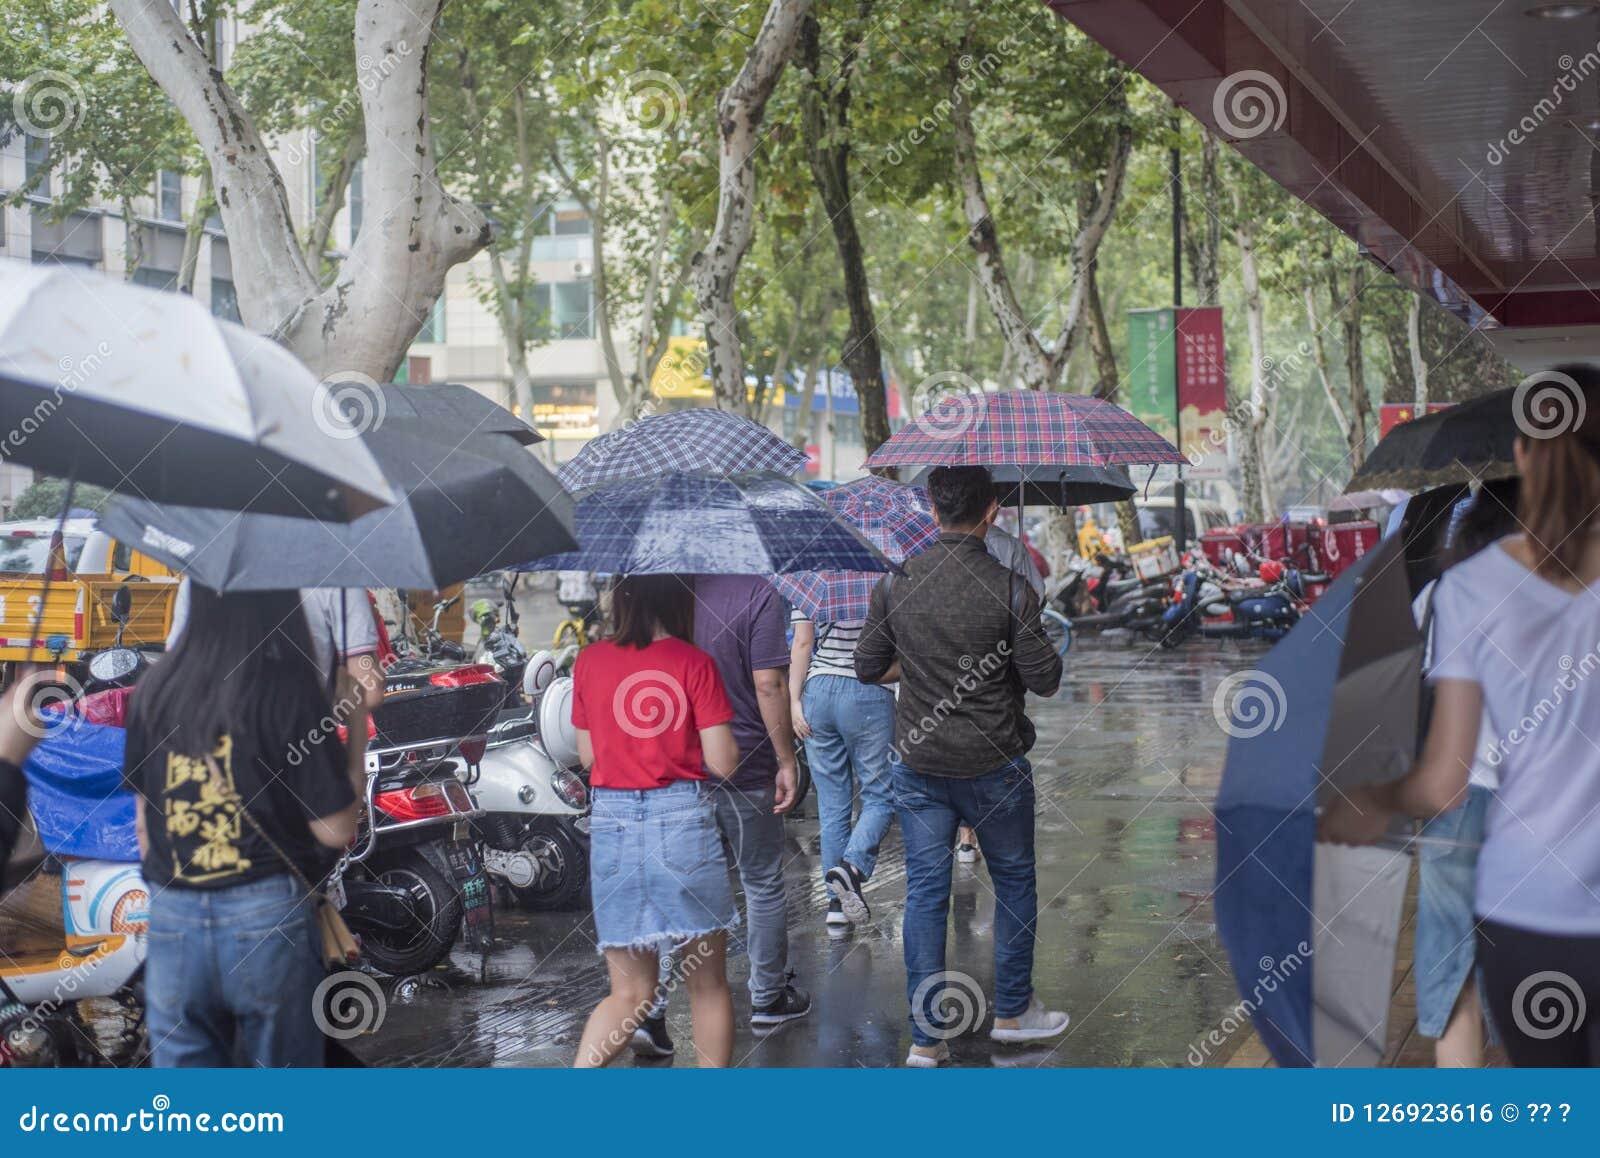 It's, das morgens regnen, und die Fußgänger, die durch die Straße gehen, überschreiten durch den Schnitt